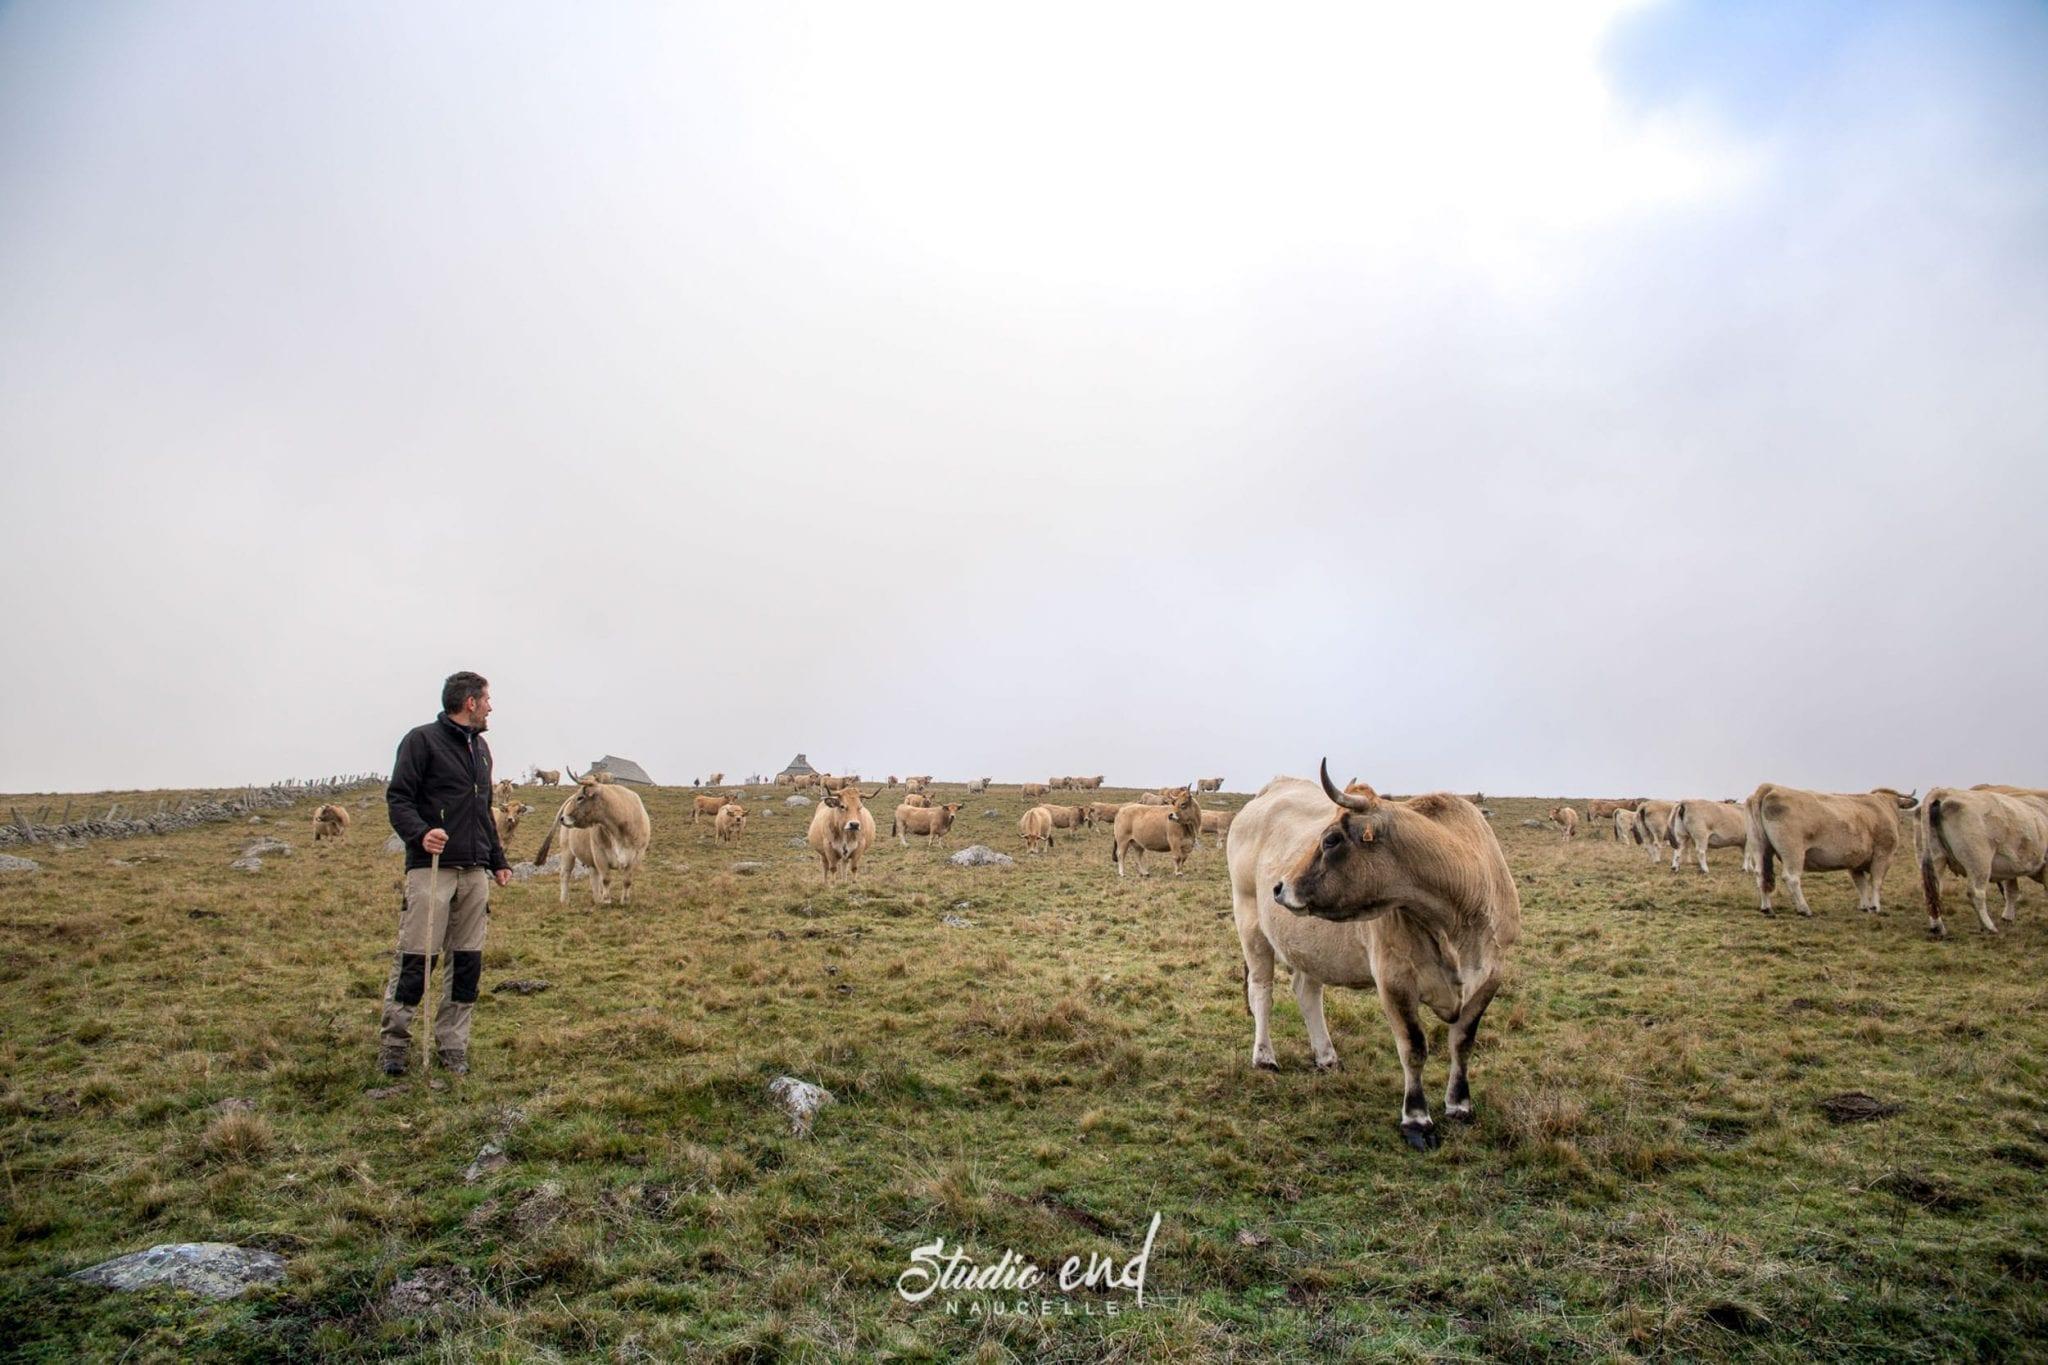 Vache qui regarde son agriculteur, vue d'Aubrac en Aveyron proche de Rodez